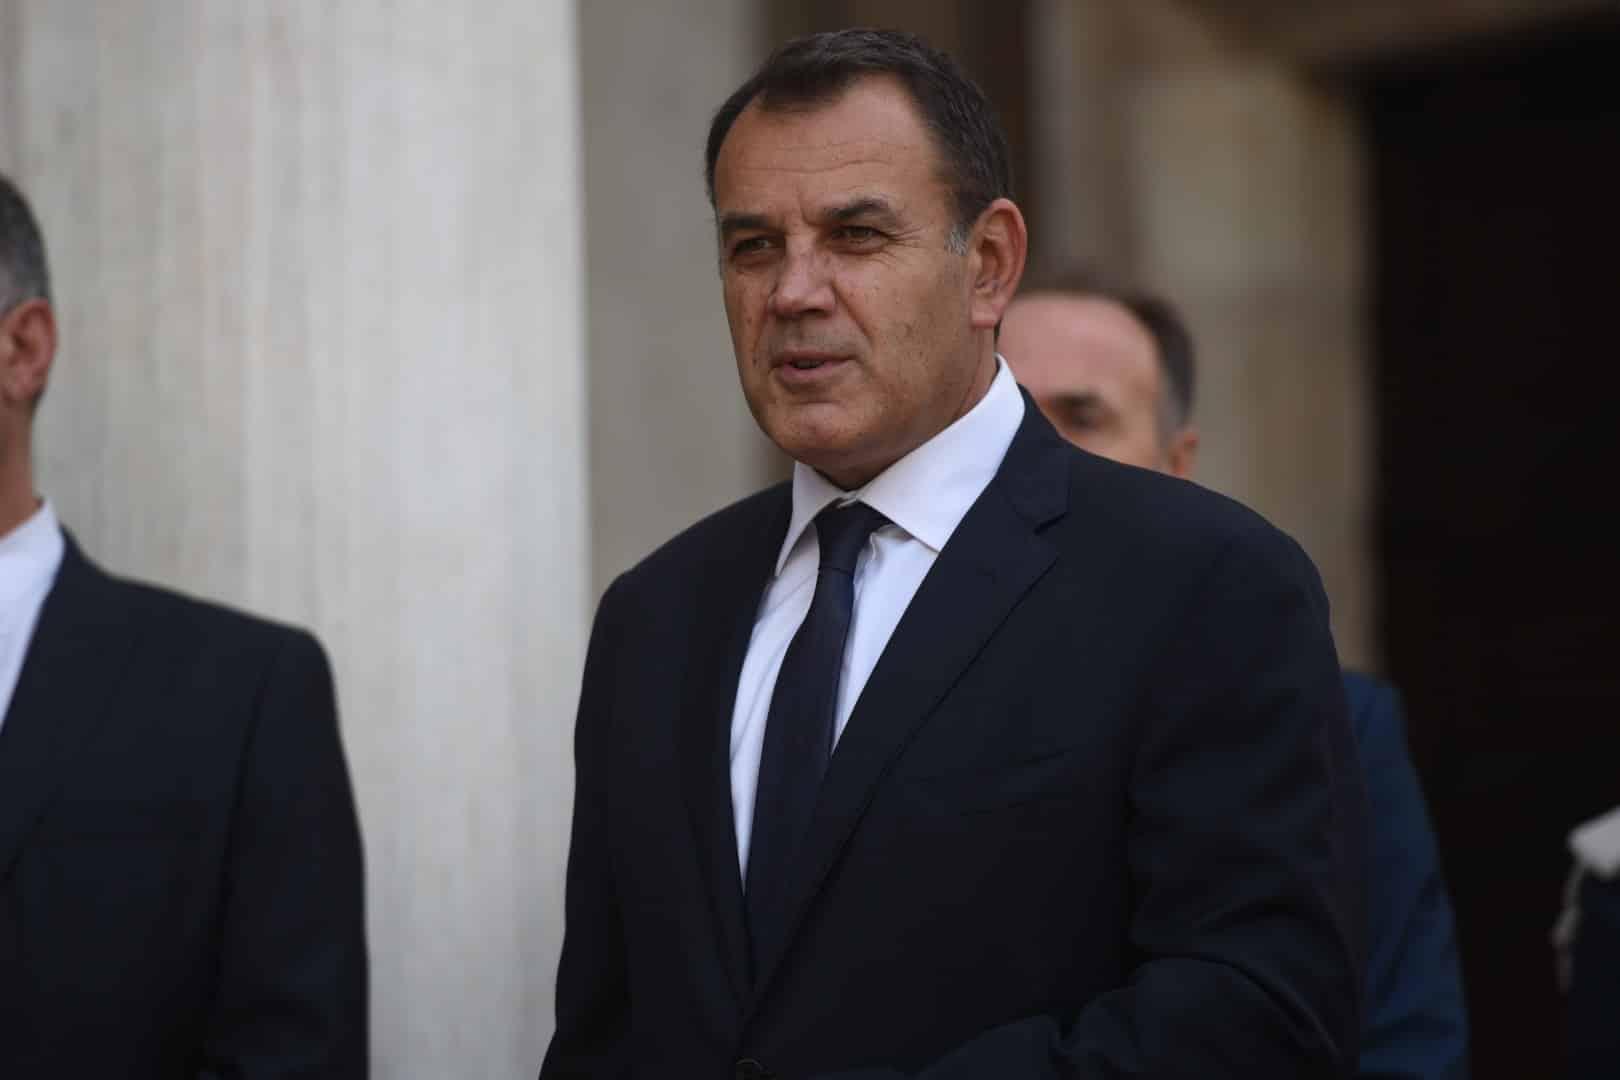 Παναγιωτόπουλος: Οι Ελληνικές Ένοπλες Δυνάμεις είναι ισχυρές Ερώτηση στη Βουλή για το παραλήρημα αξιωματικού κατά του Τύπου